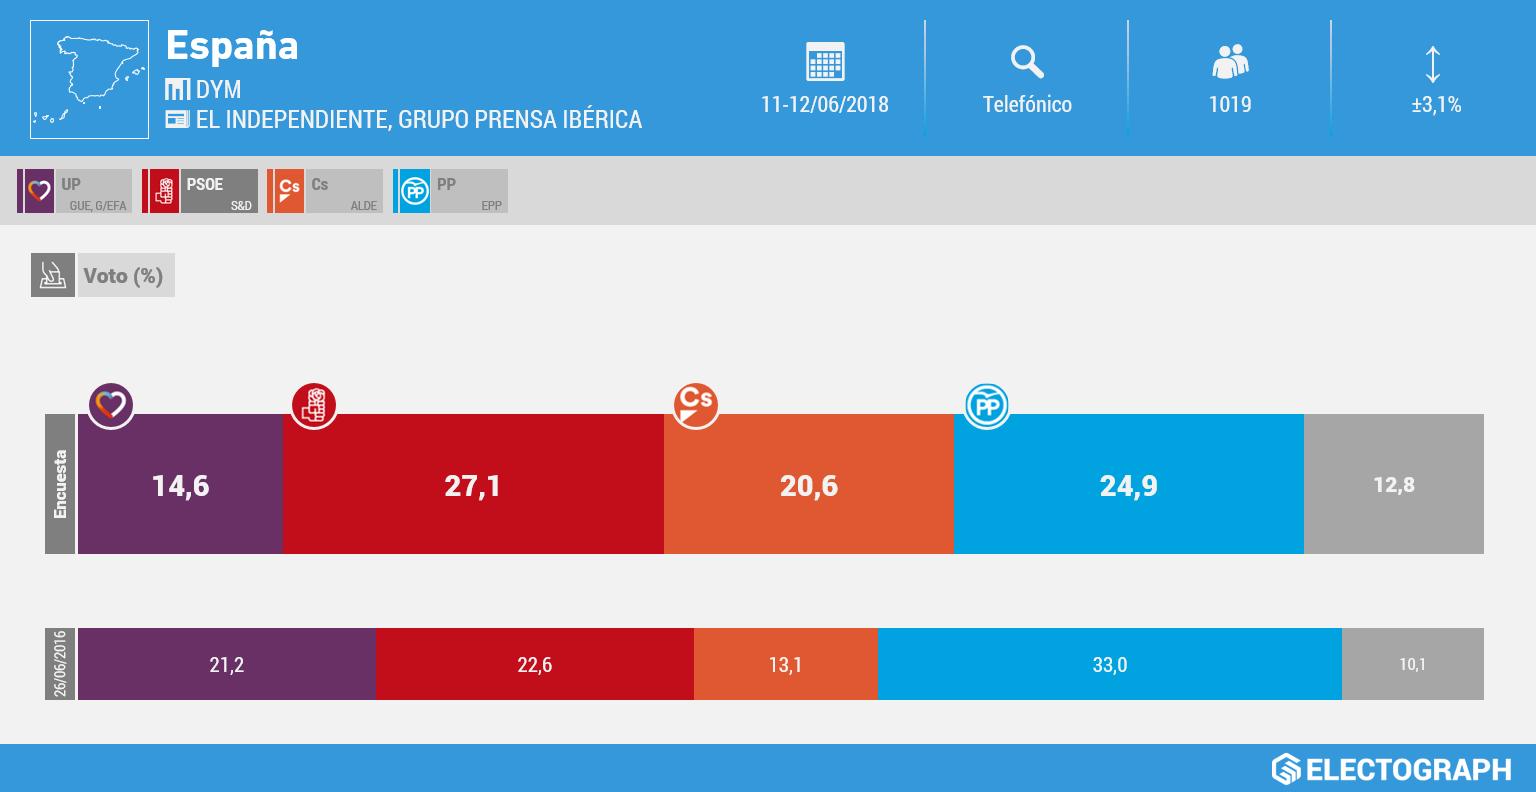 Gráfico de la encuesta para elecciones generales en España realizada por DYM para El Independiente y el Grupo Prensa Ibérica en junio de 2018